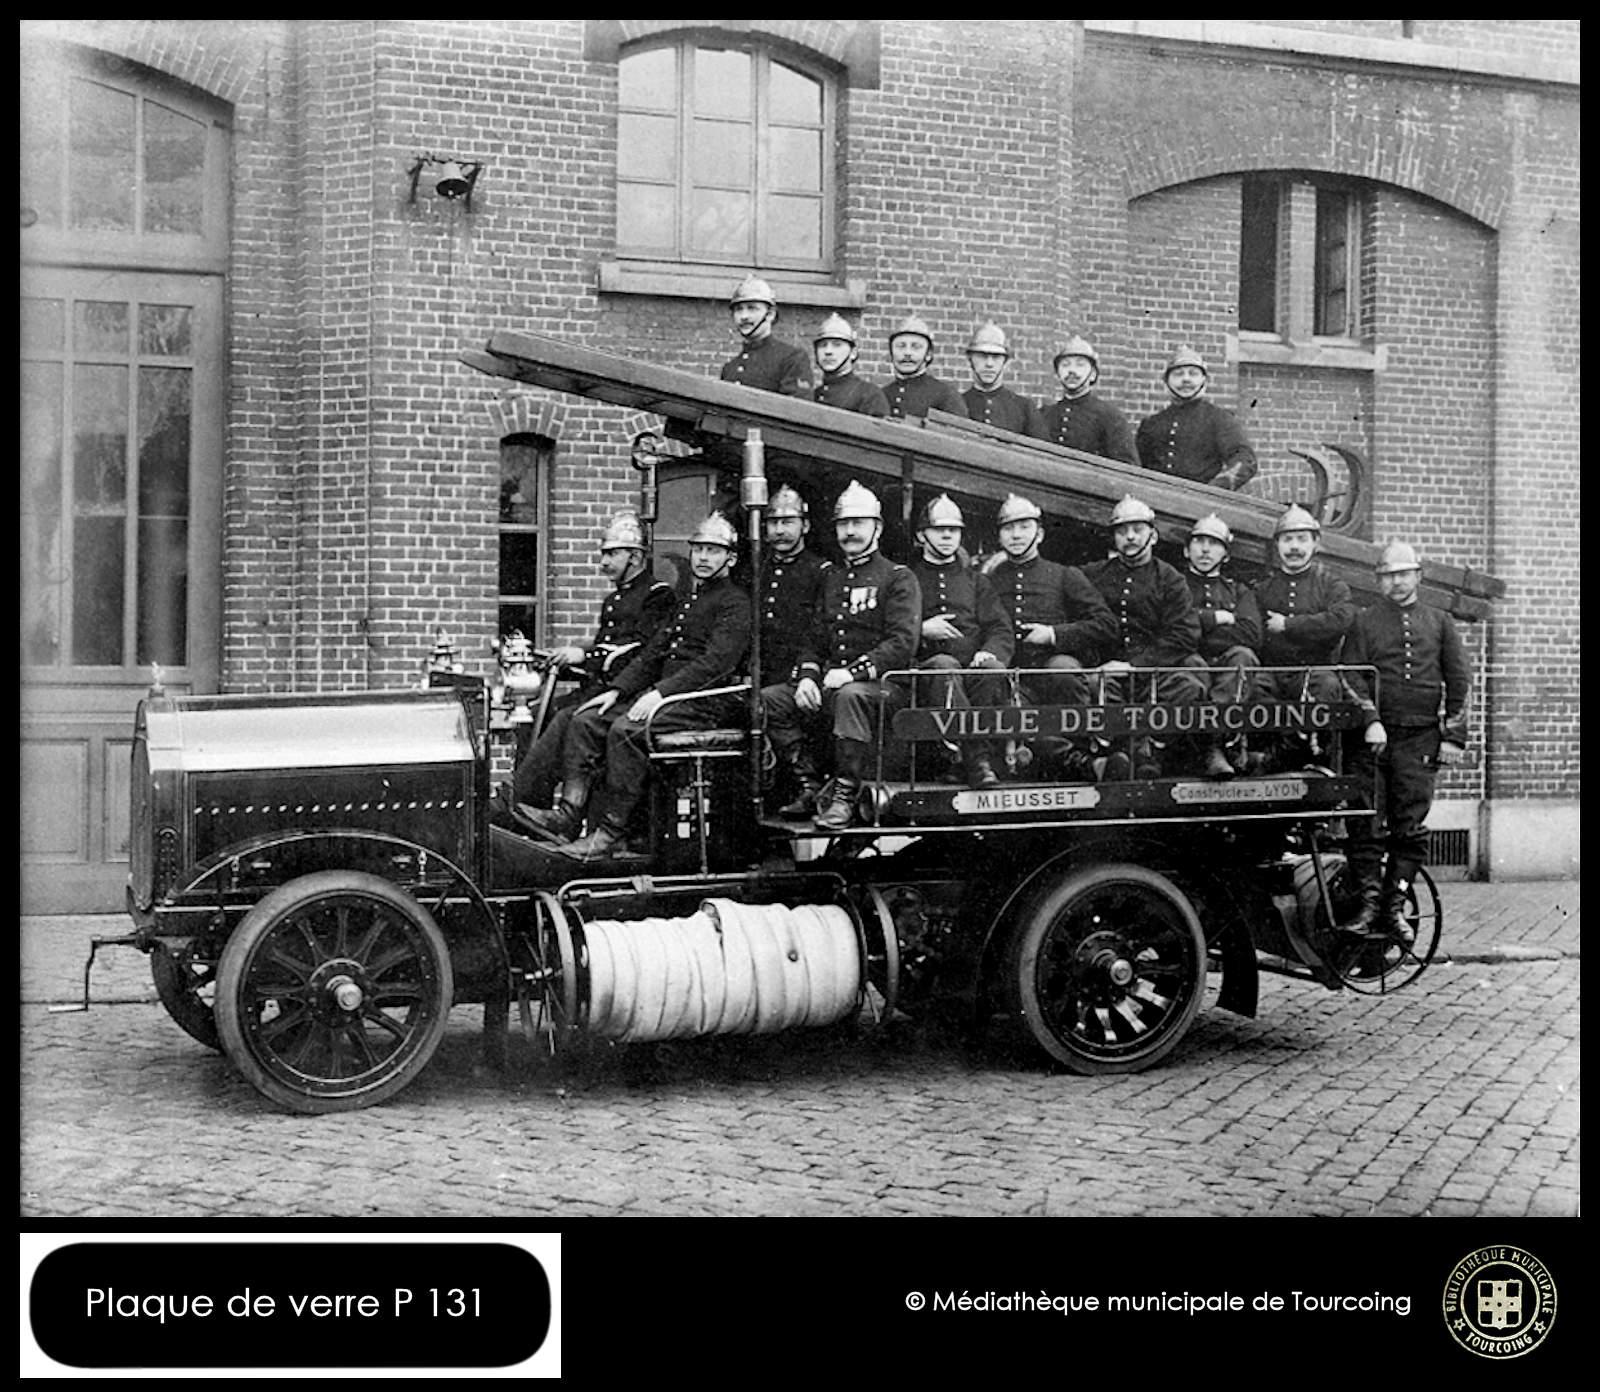 Camion de Pompiers, Autopompe Mieusset - Plaque de Verre,Tourcoing.